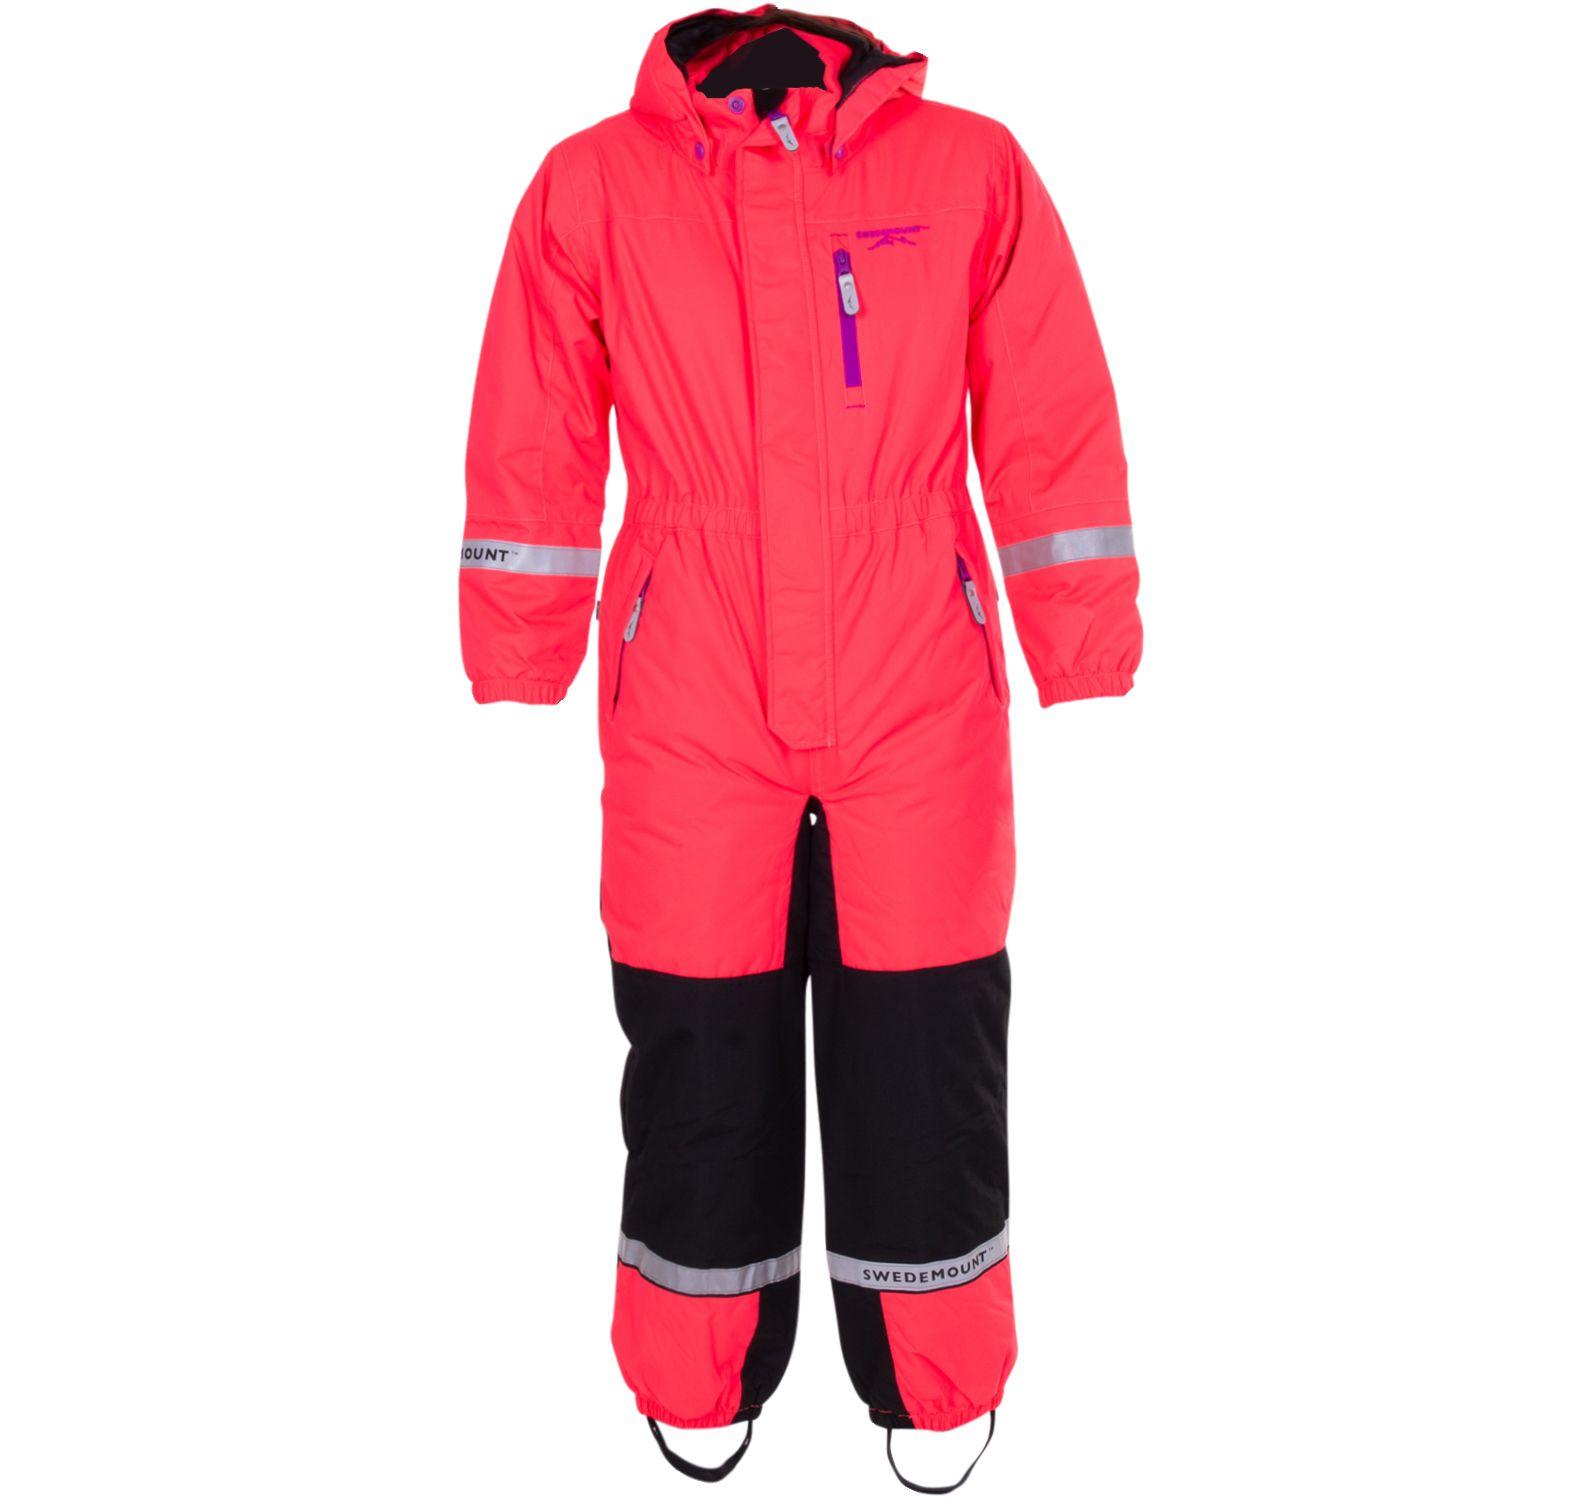 Lillehammer Overall Kids, New Pink/Black, 140,  Swedemount